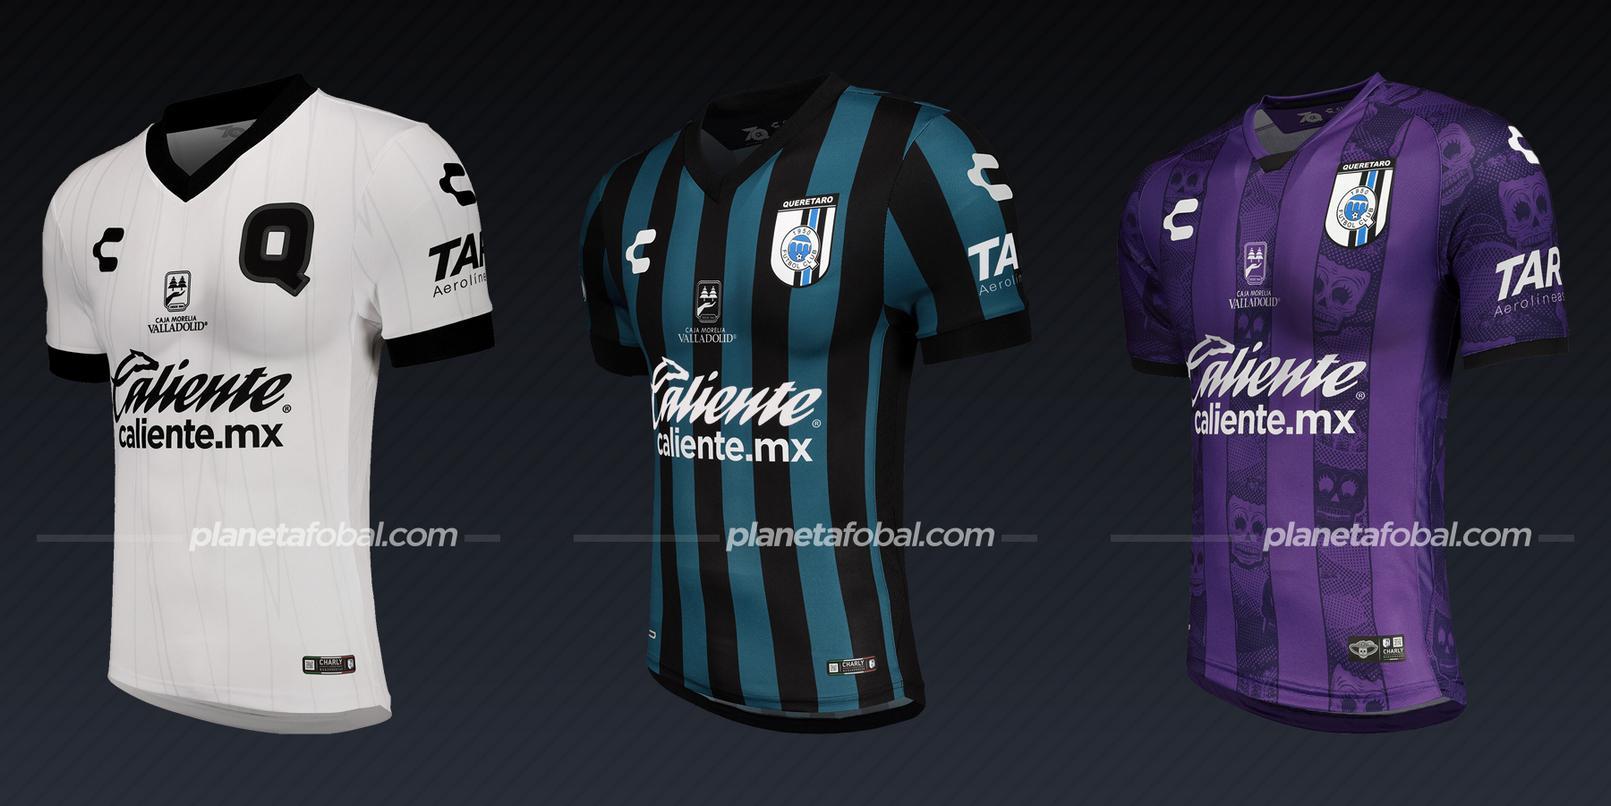 Club Querétaro (Charly) | Camisetas de la Liga MX 2020/2021